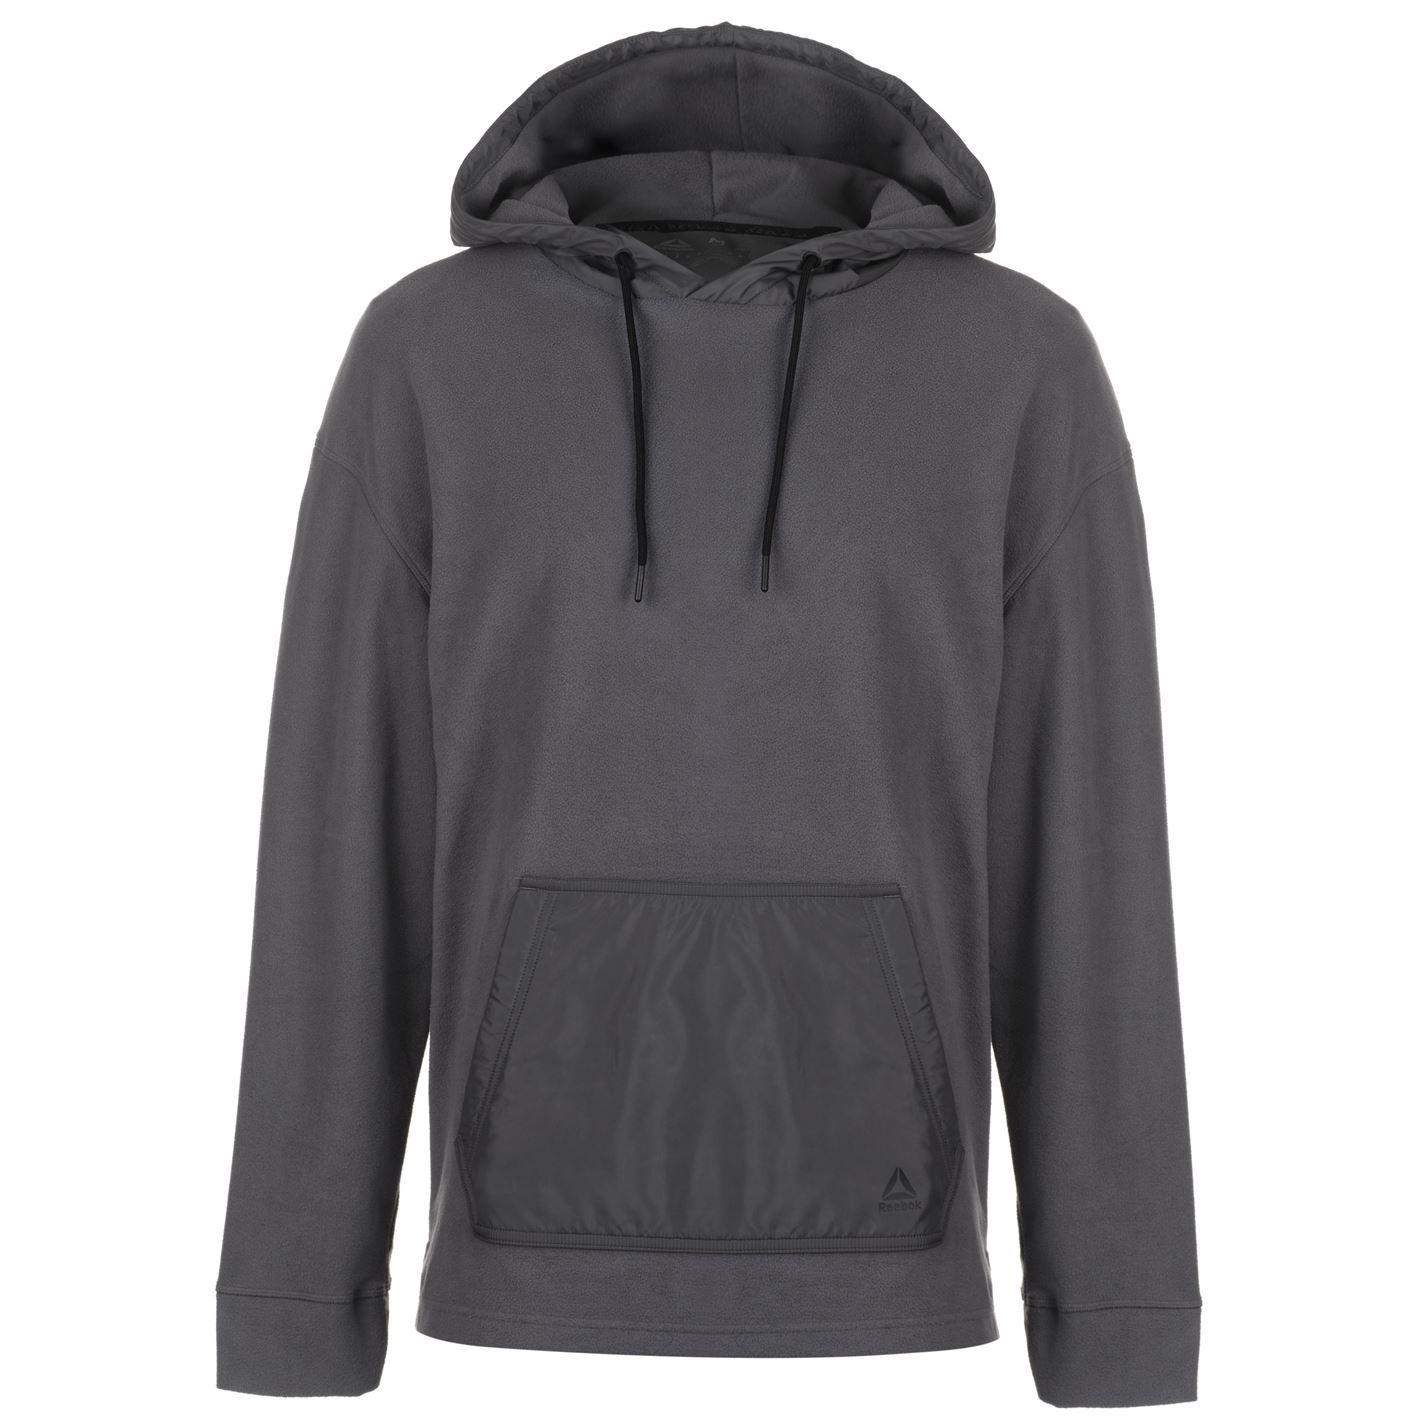 Reebok Micro Fleece Hoodie  Herren Gents Performance Hoody Hooded Top Full Length